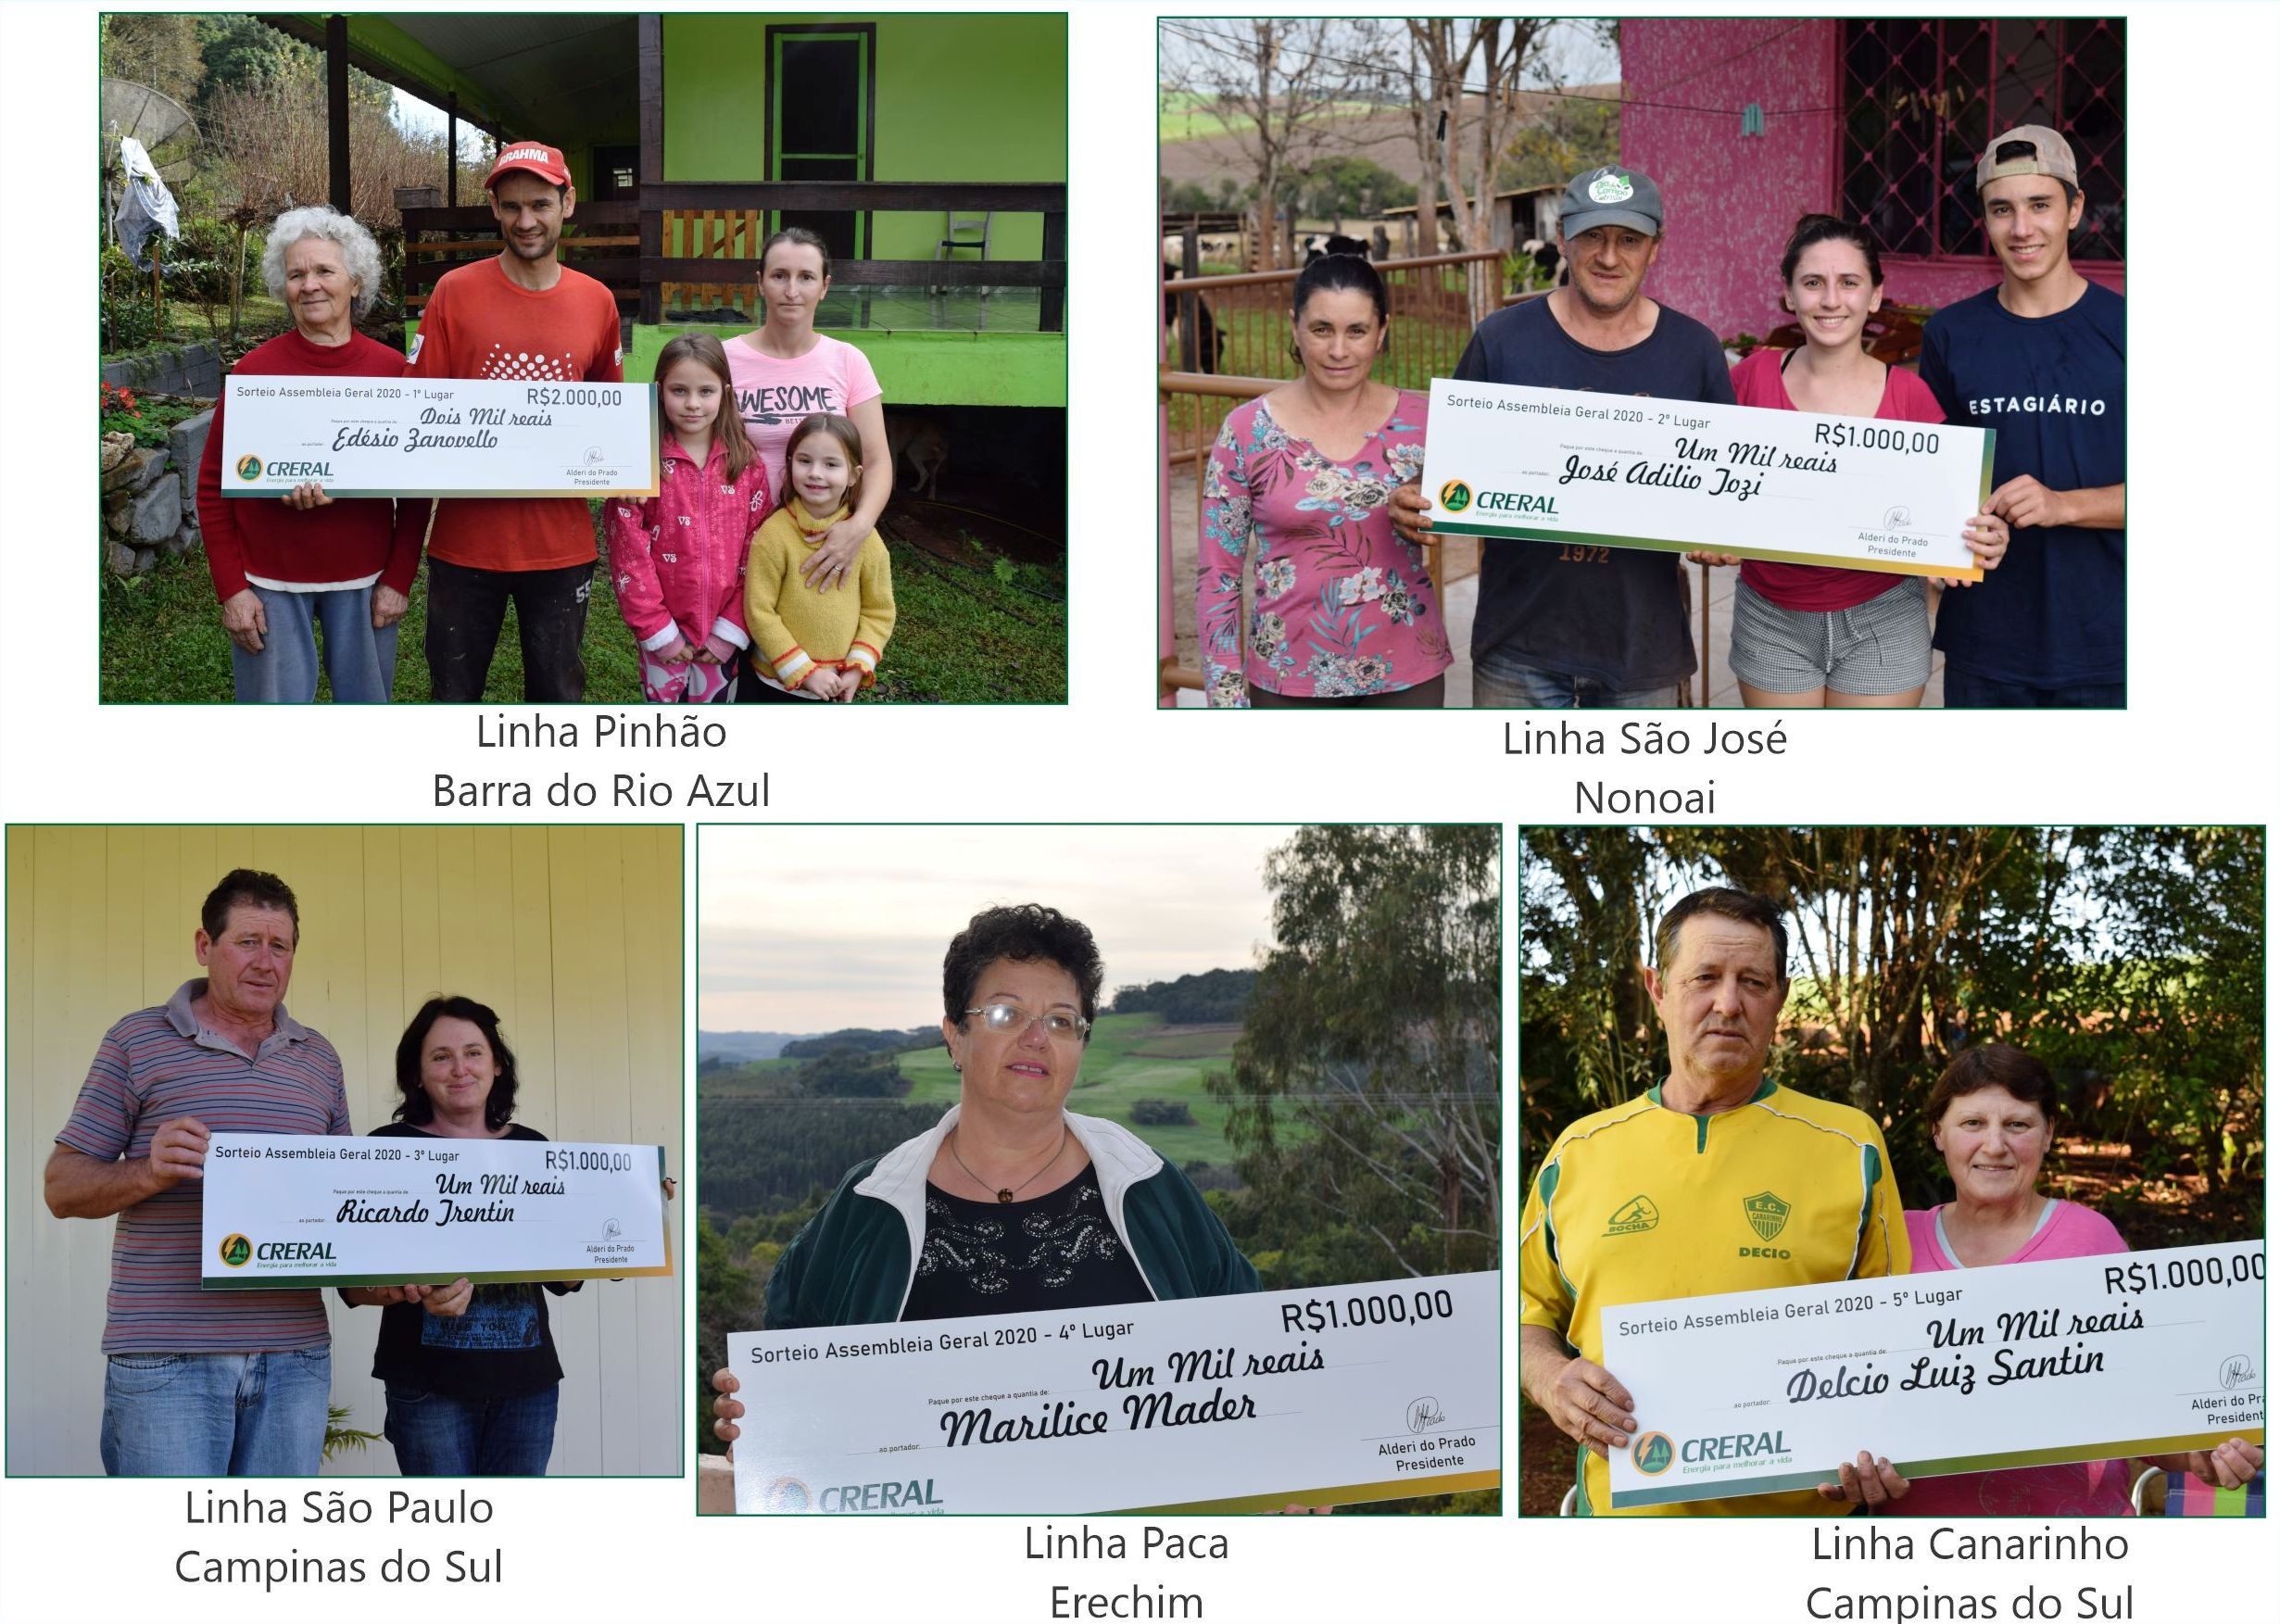 Cinco associados da Creral sorteados na campanha de atualização cadastral | Imagem: Creral/Imprensa